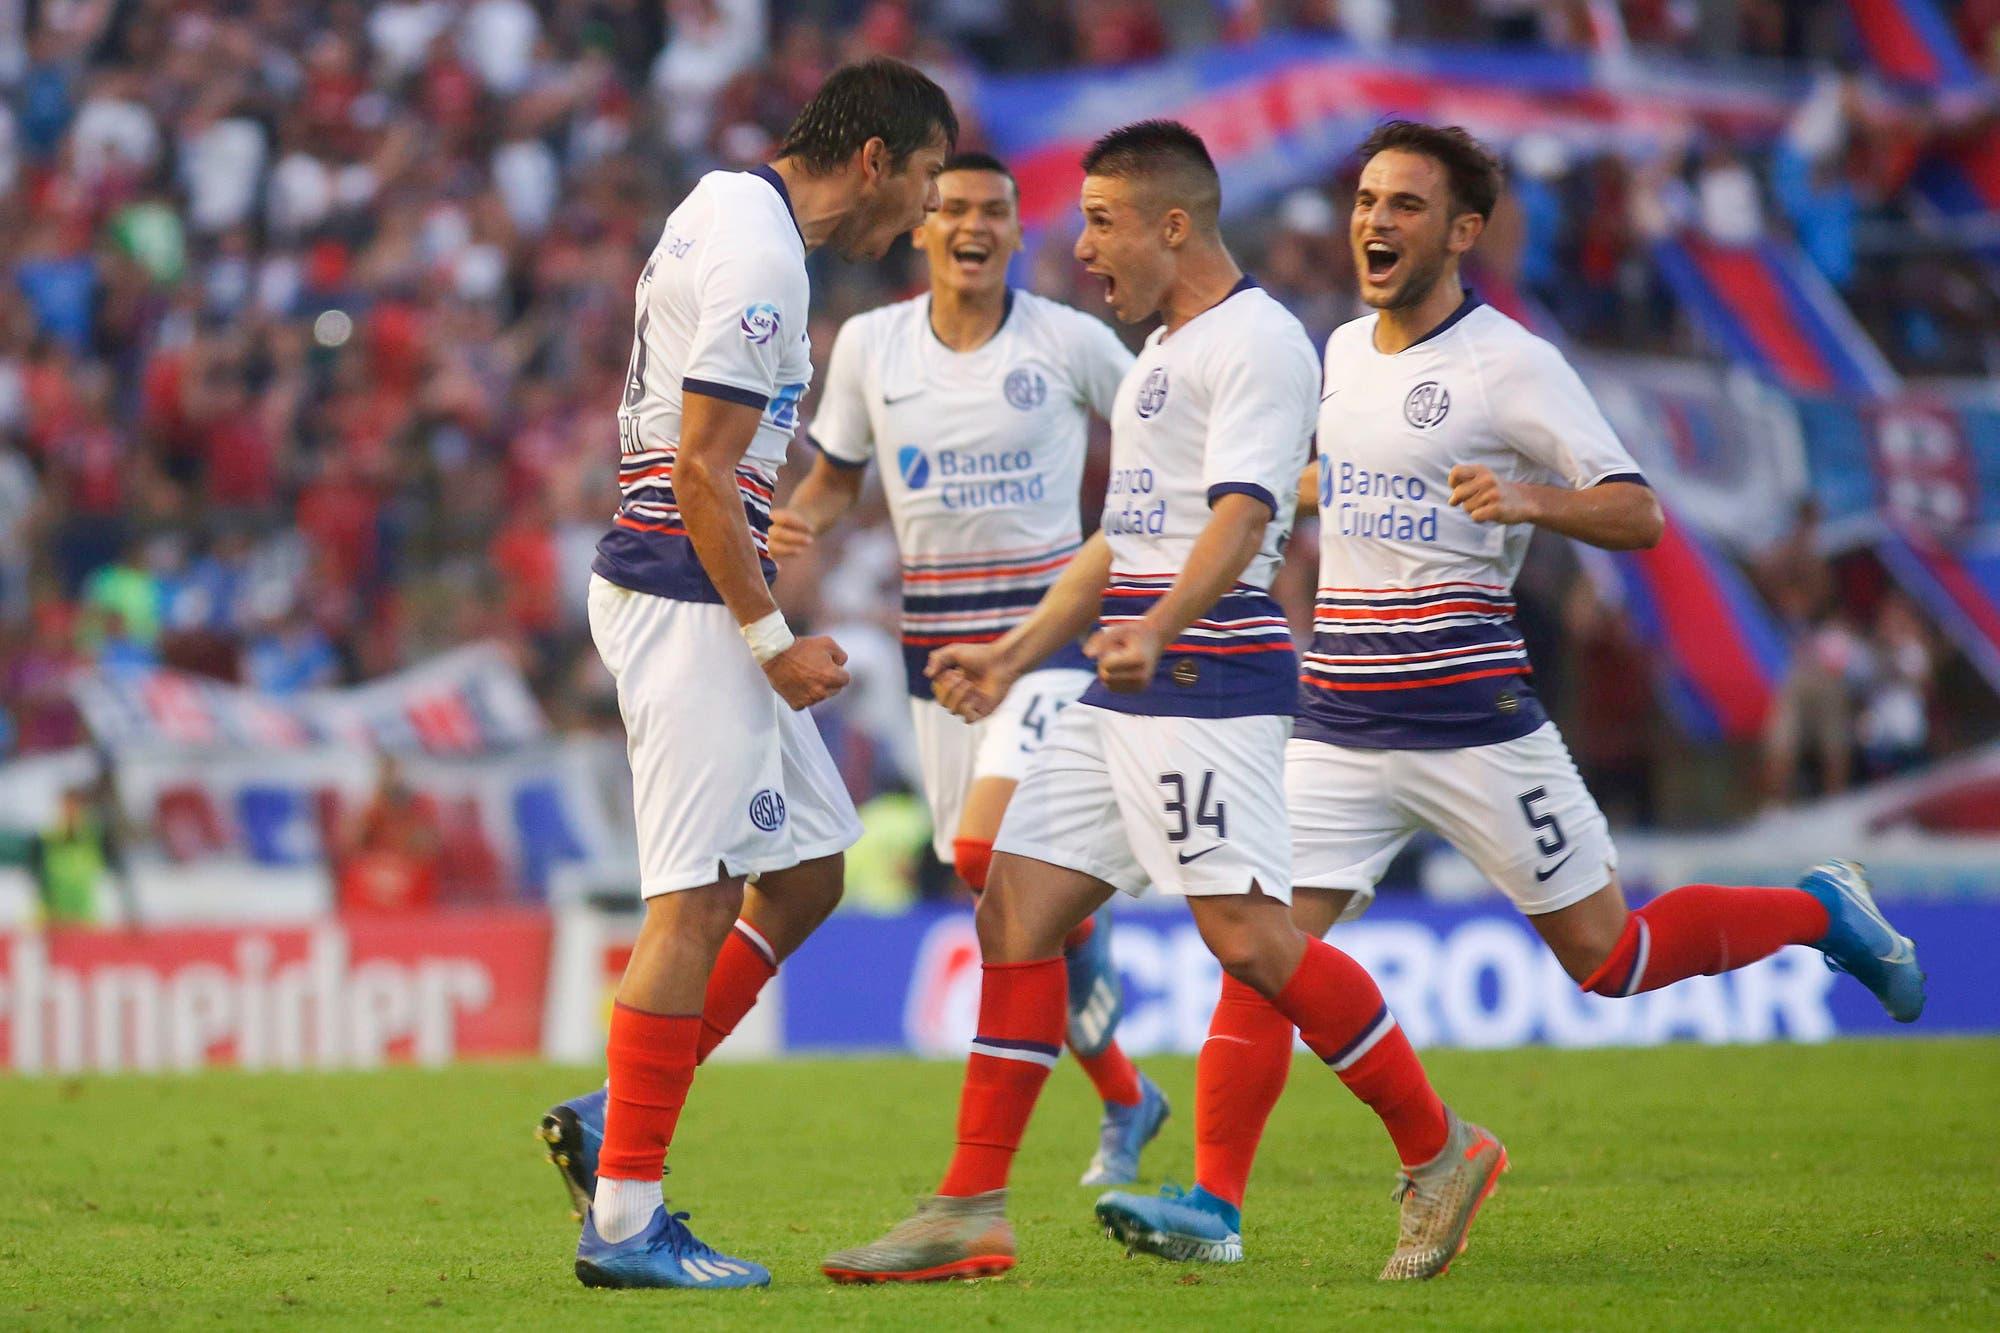 Vientos de cambio: San Lorenzo venció a Aldosivi en Mar del Plata y se acerca a la Sudamericana